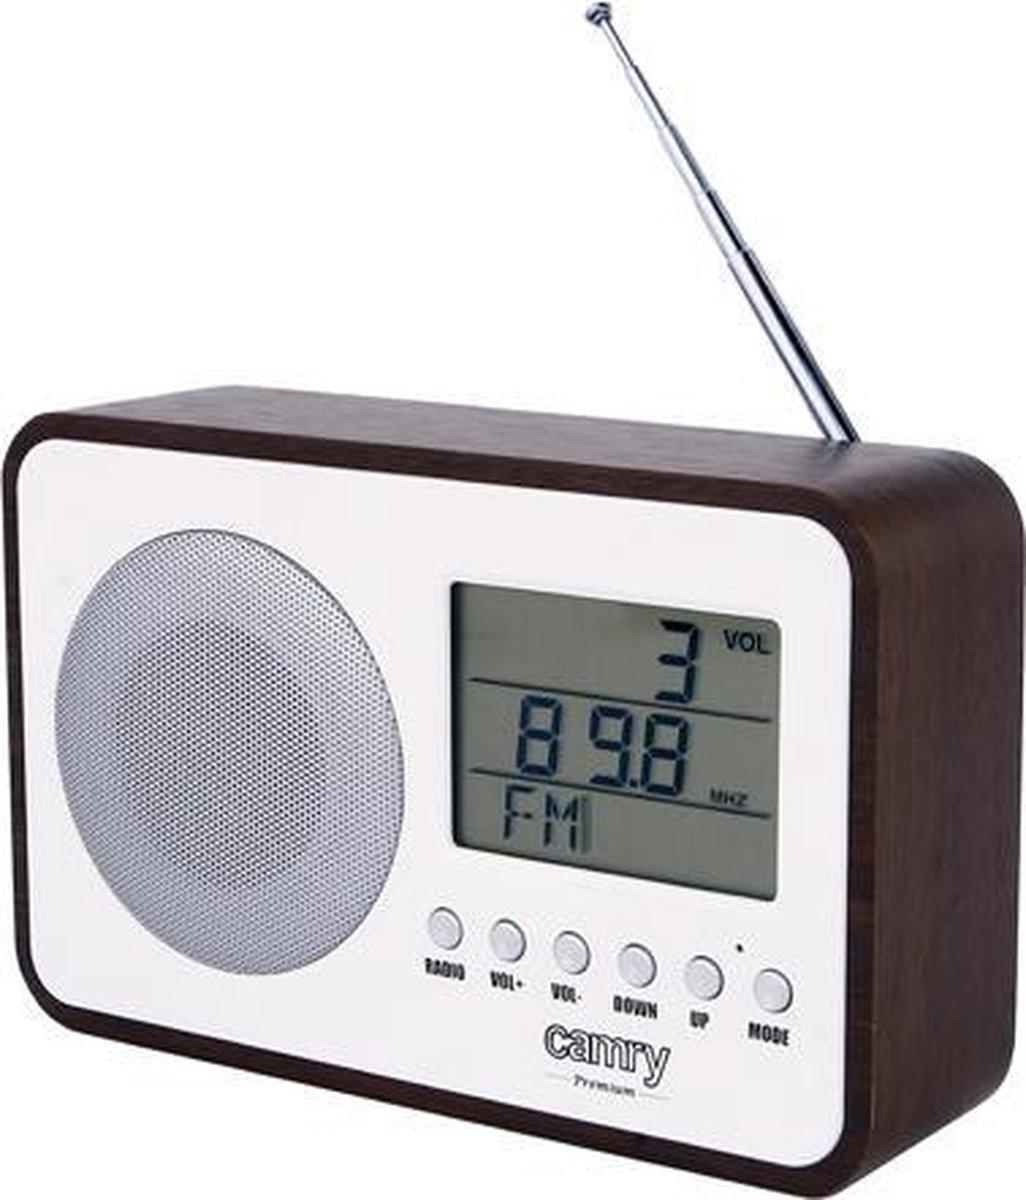 Camry CR 1153 - Wekker radio - digitaal